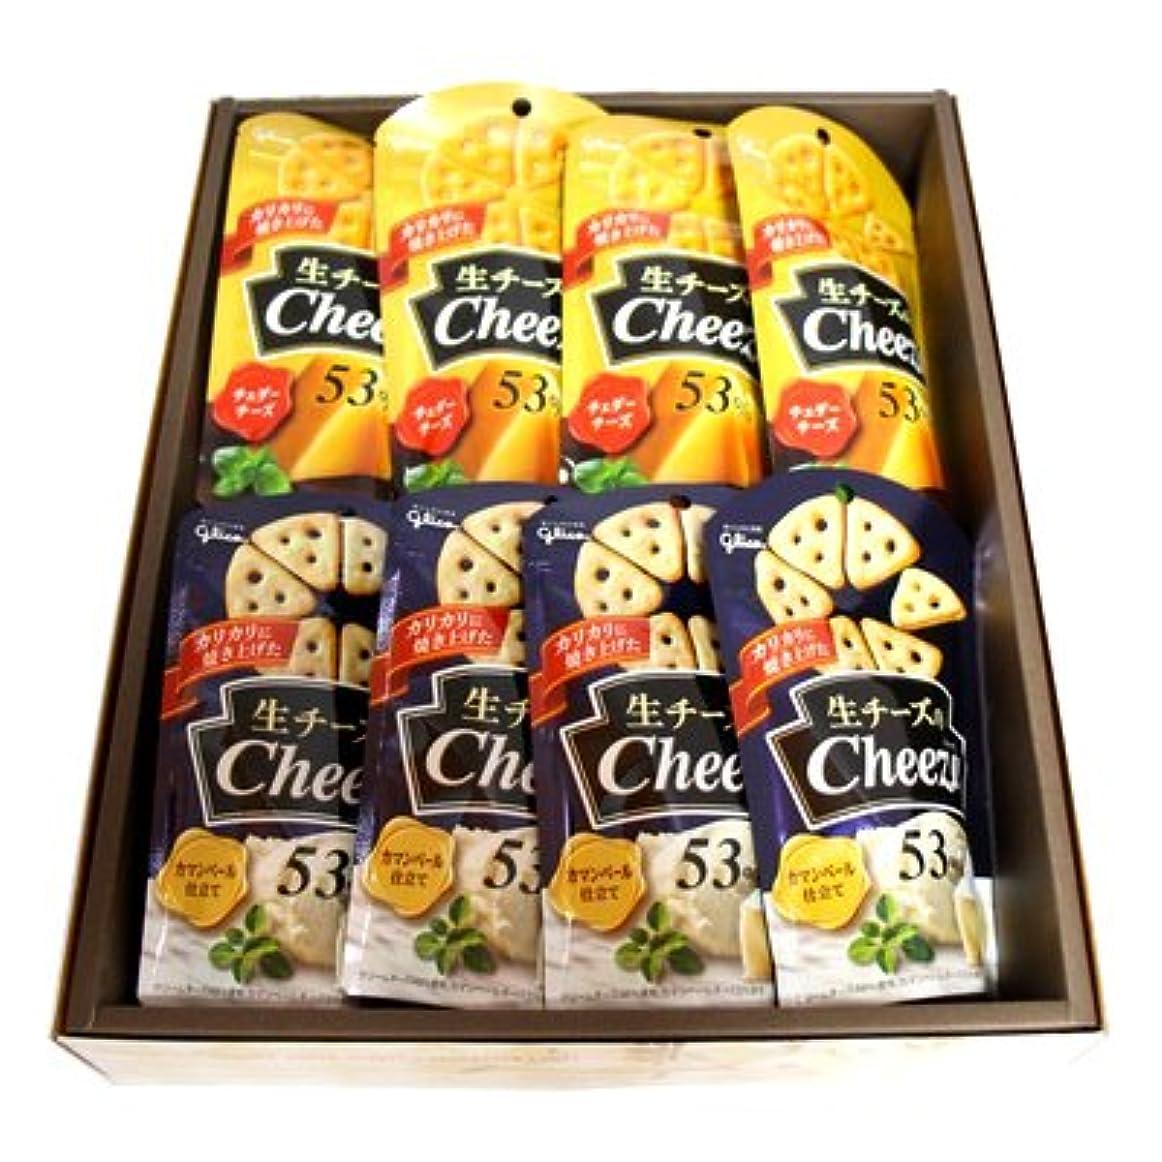 終点保証金降伏おかしのマーチ グリコ 生チーズのチーザ (2種類?計14個) ギフト セット D